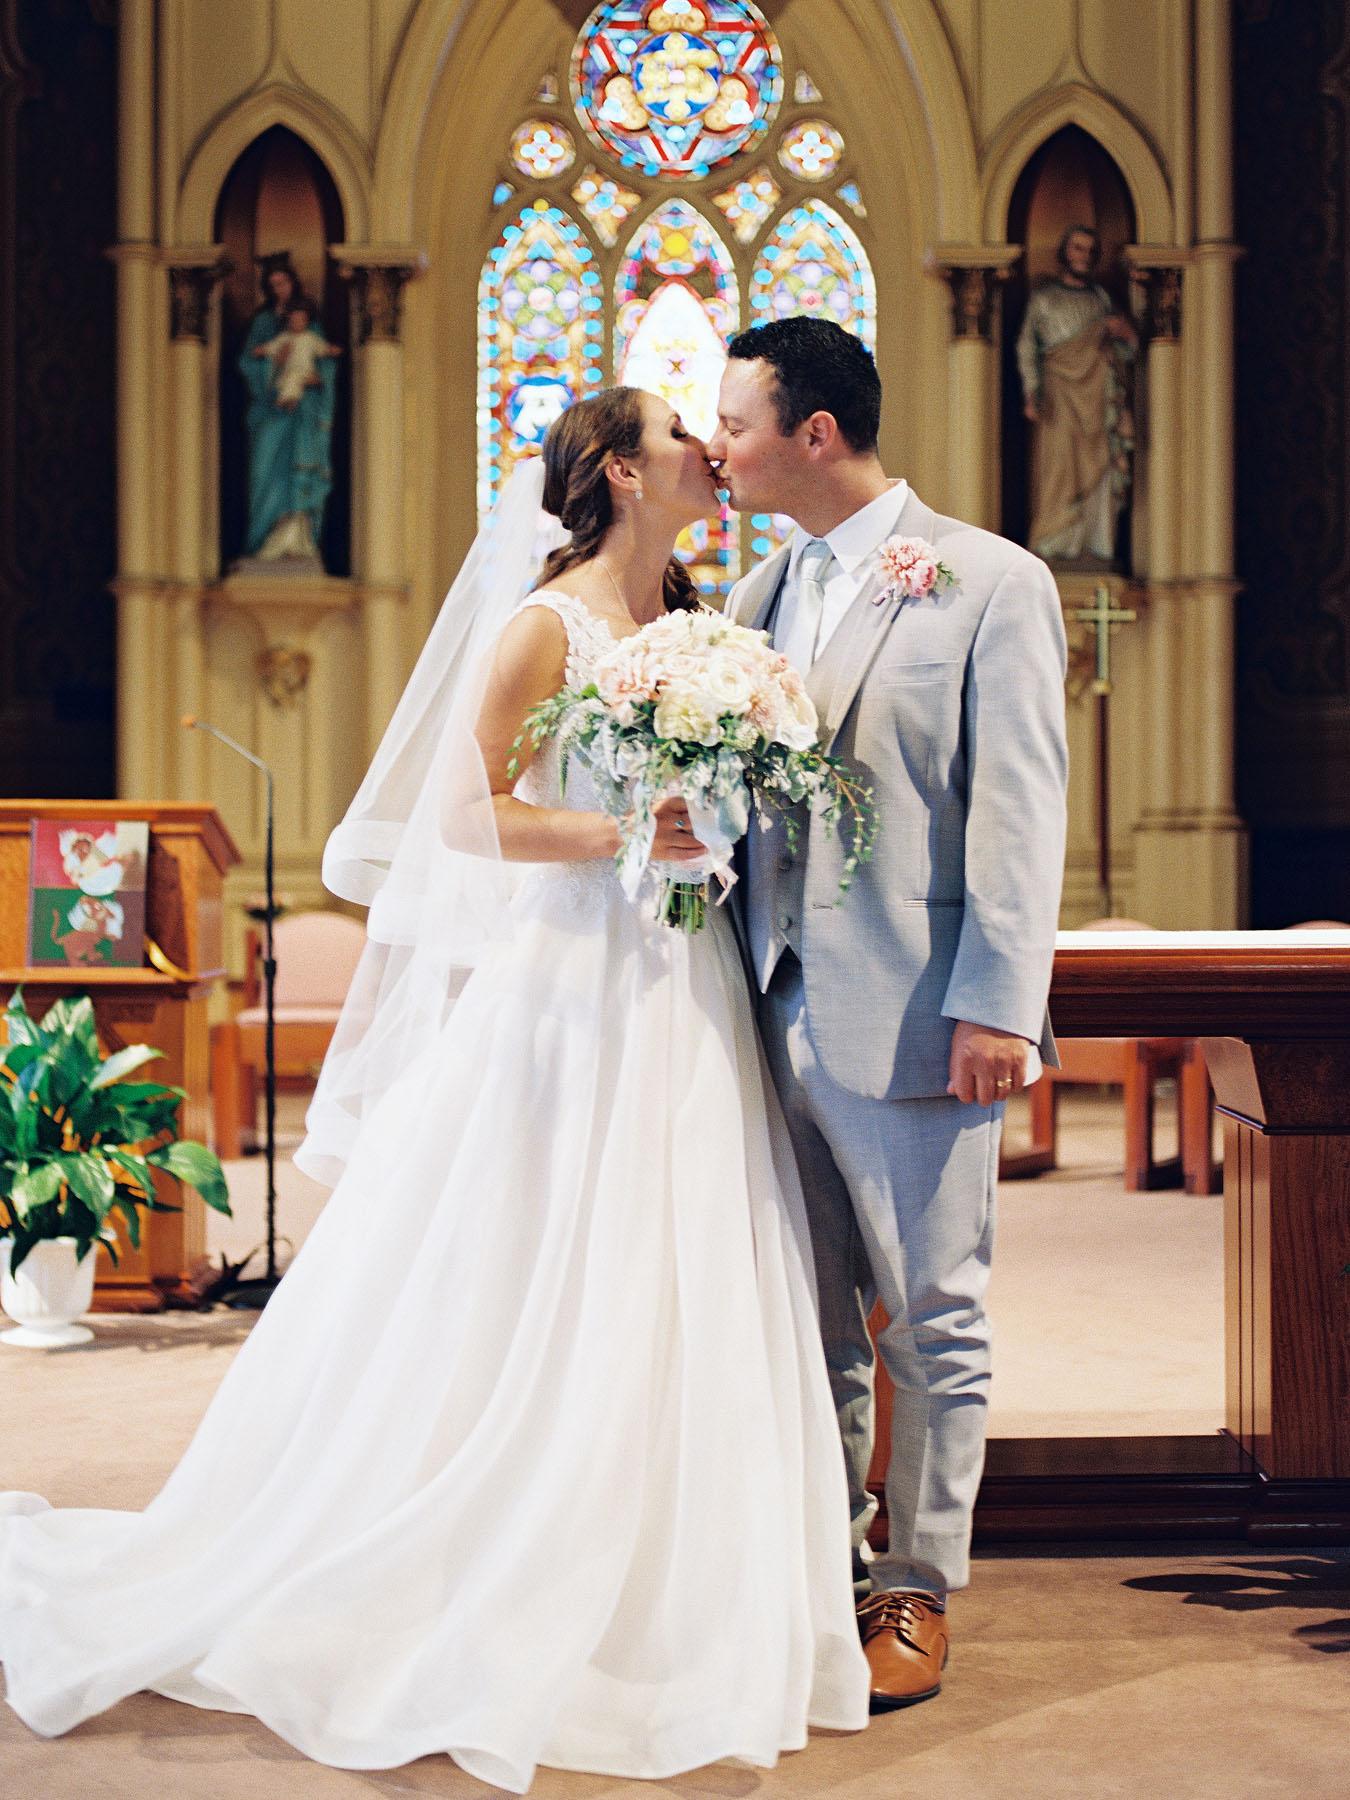 8-11-18 Vanessa and Andrew - 95.jpg